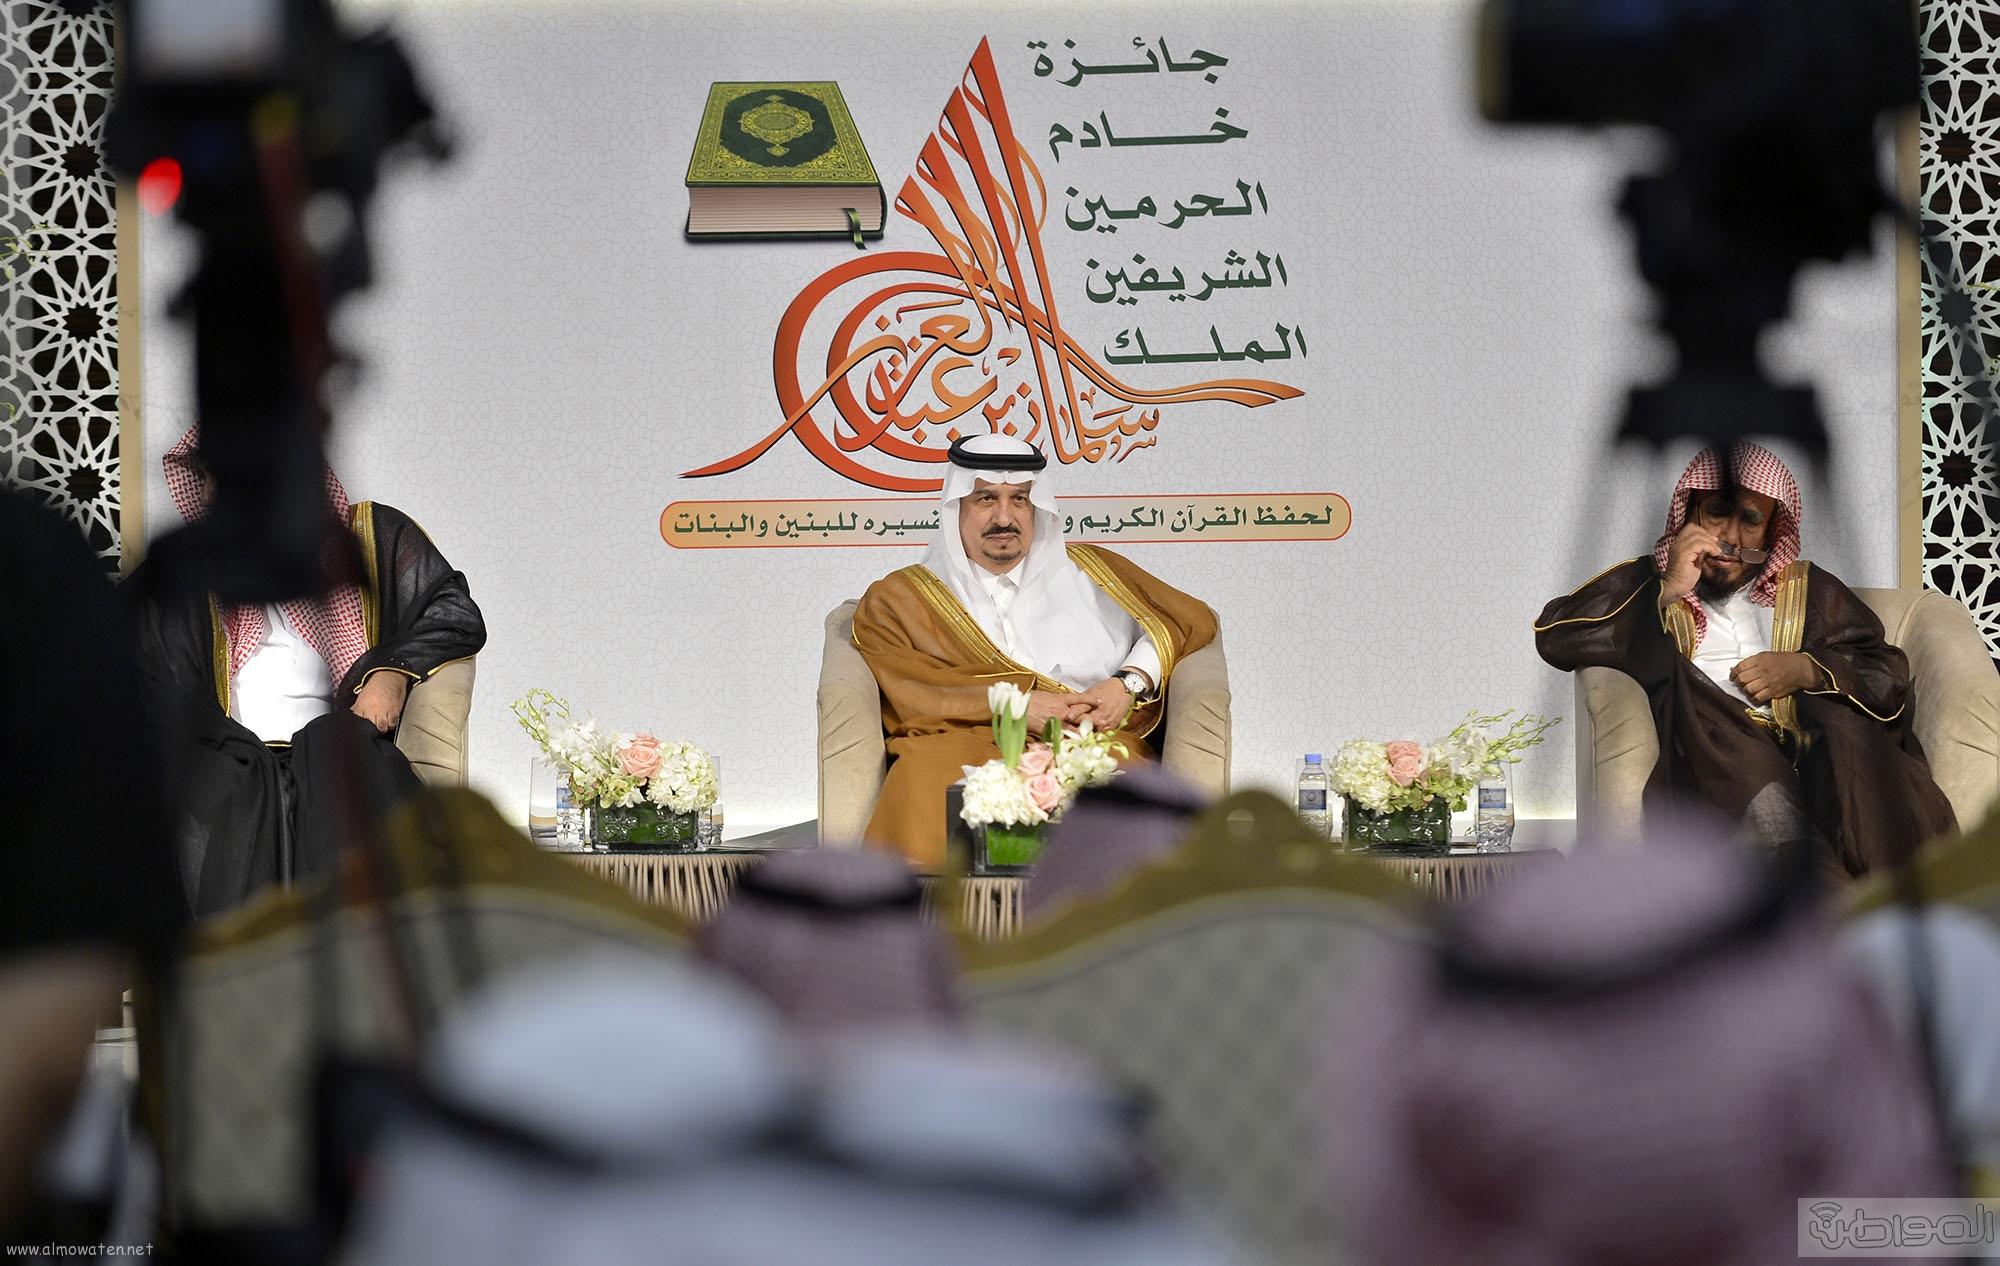 امير منطقة الرياض يرعى حفل اختتام مسابقة جائزة الملك سلمان لحفظ القران الكريم (14)